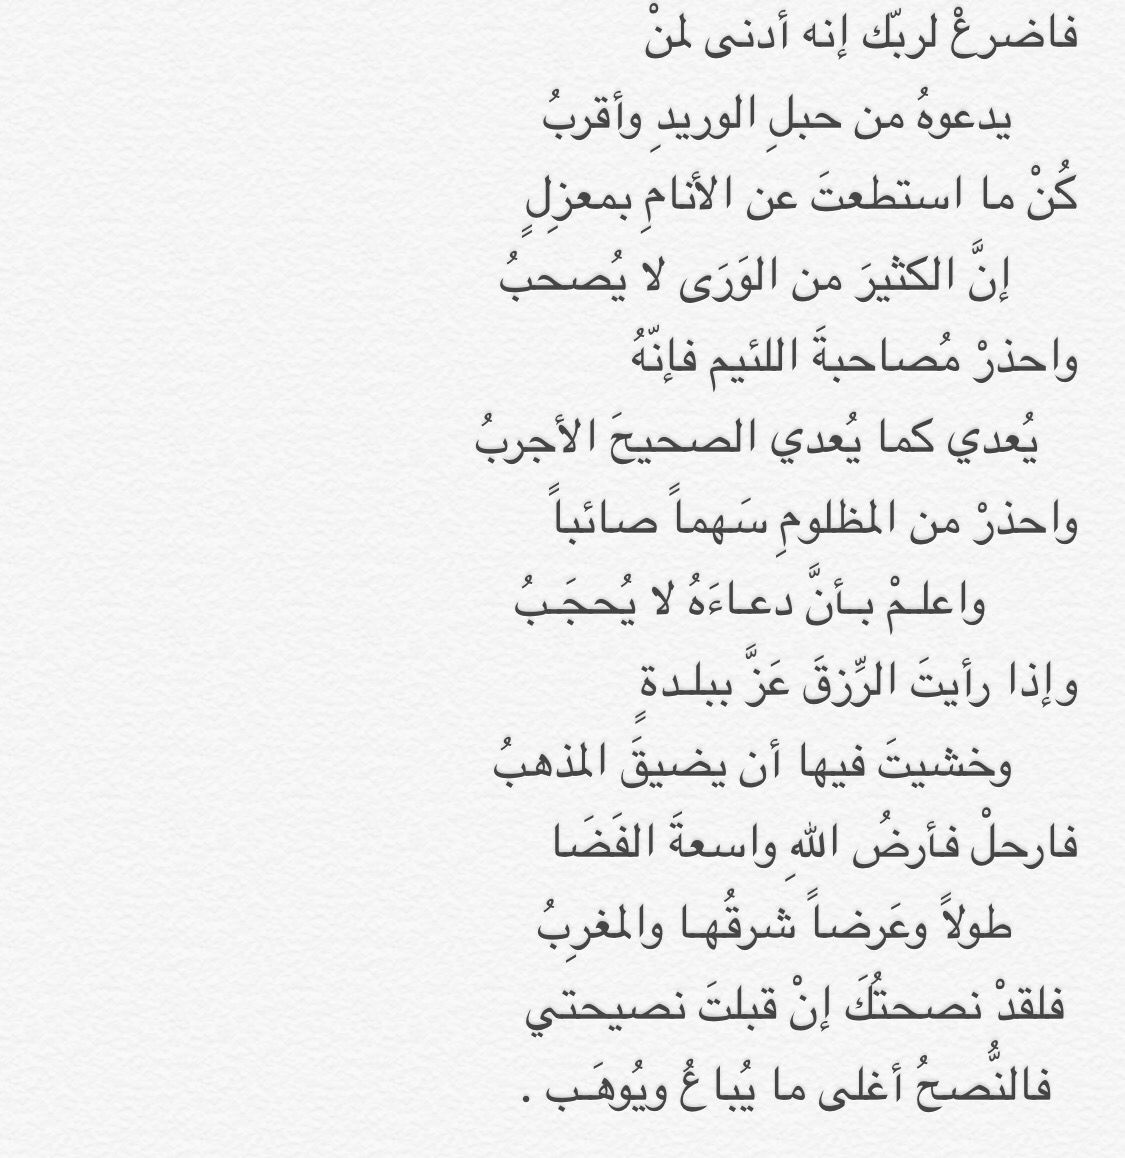 صالح عبدالقدوس من شعراء الدولة العباسية Arabic Words Art Quotes Words